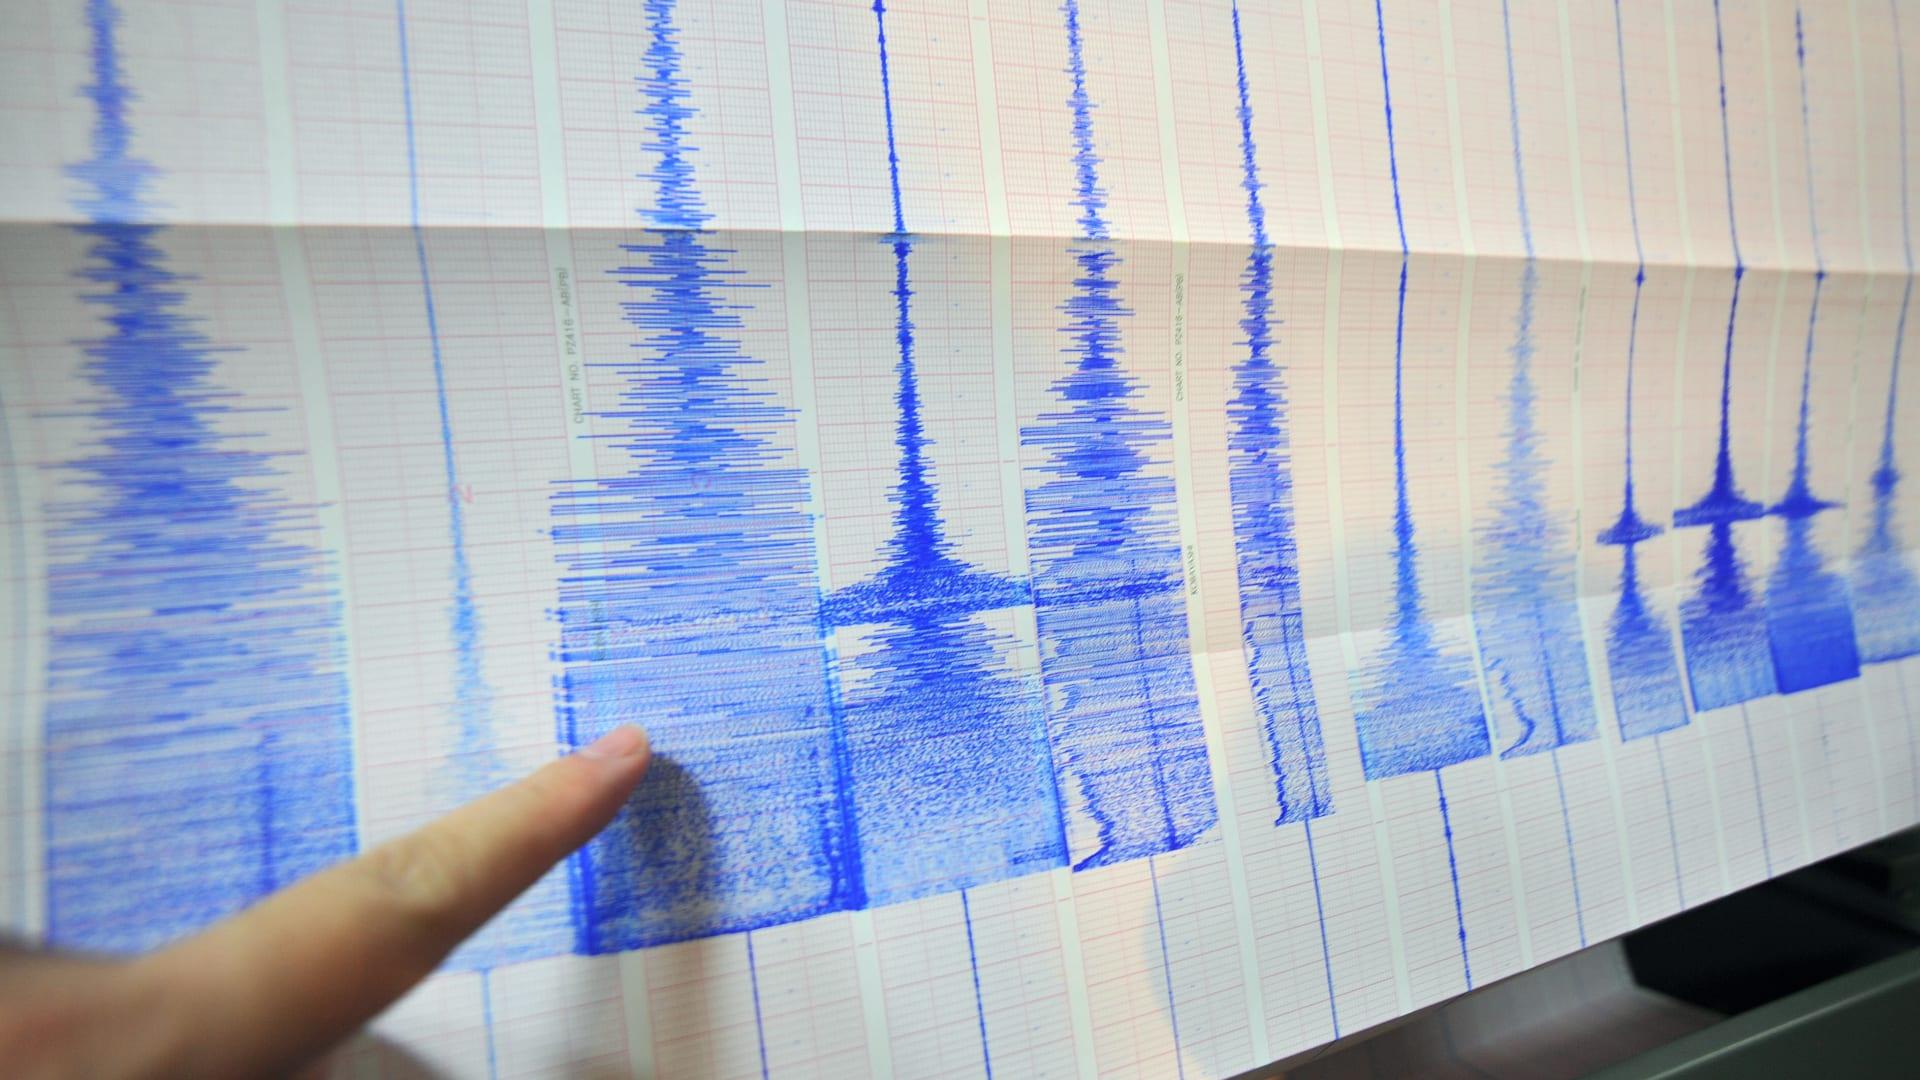 صورة أرشيفية تعبيرية لشخص يشير إلى رسم بياني زلزالي (ليس المقصود في التقرير)